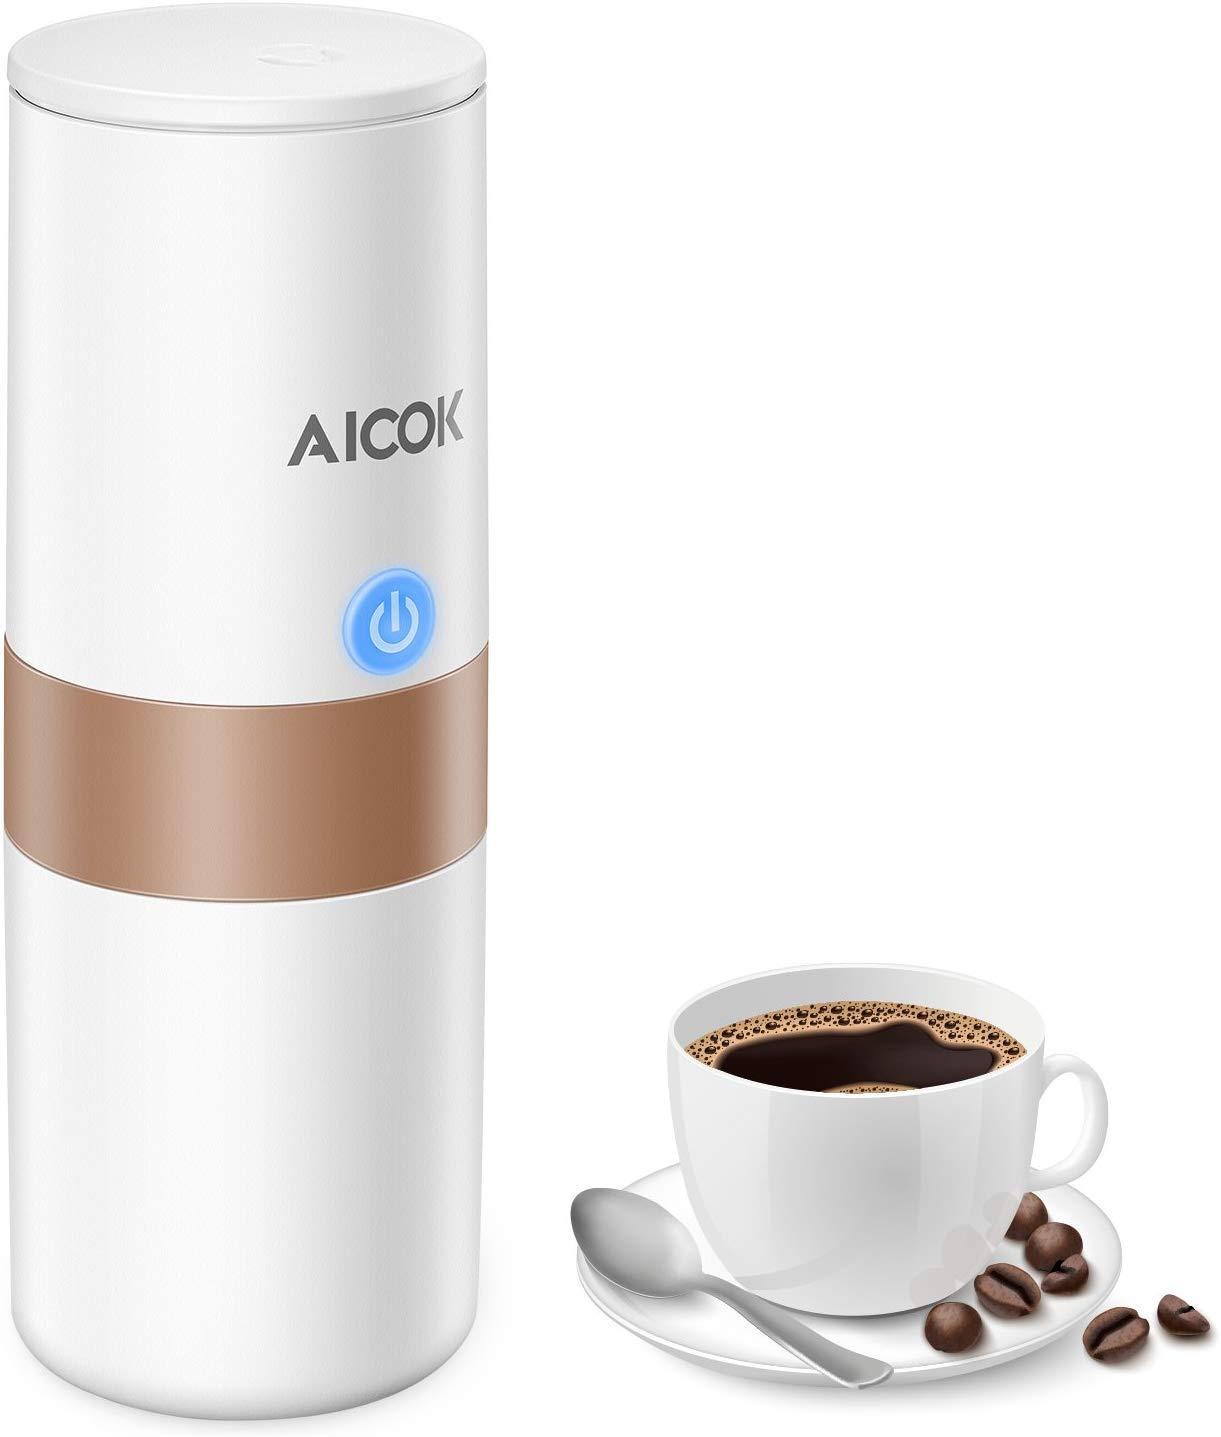 per Auto Campeggio ecc. Casa Ufficio Mini Elettrica Caffettiera per Caff/è Espresso con Filtro 150 ML, Bianco Avorio Caff/è Macinato//Capsula Compatibile Macchina Caff/è Portatile Aicok